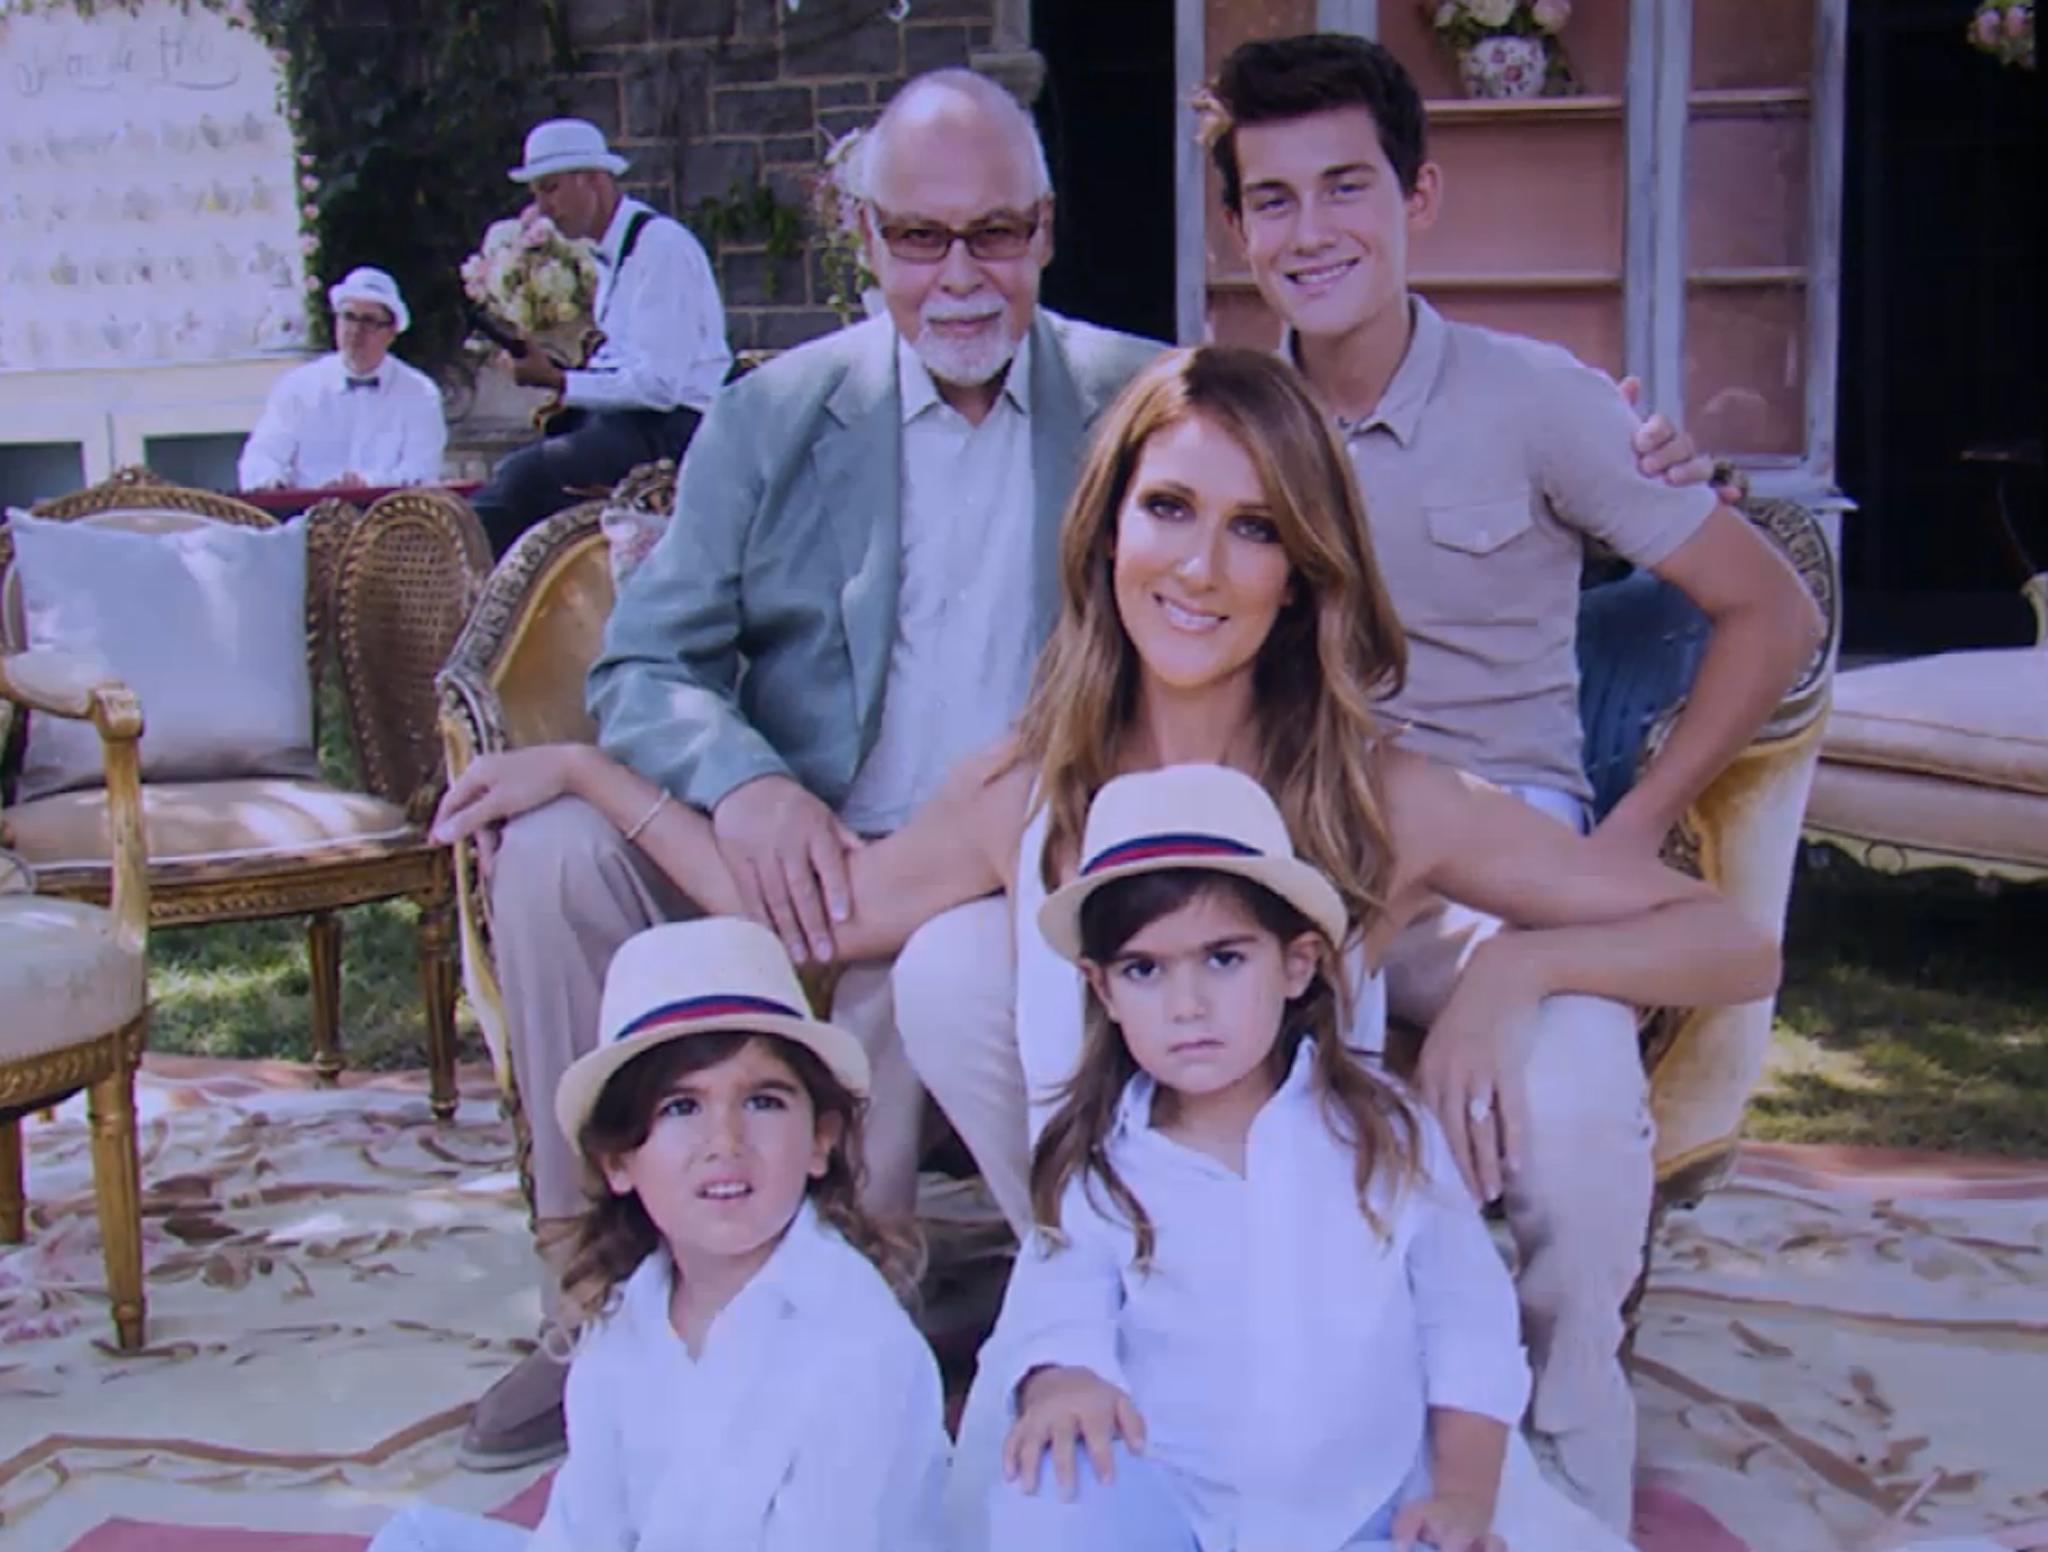 Glückliche Familie: Céline Dion und René Angélil mit ihrem ältesten Sohn René-Charles und den Zwillingen Eddy und Nelson.